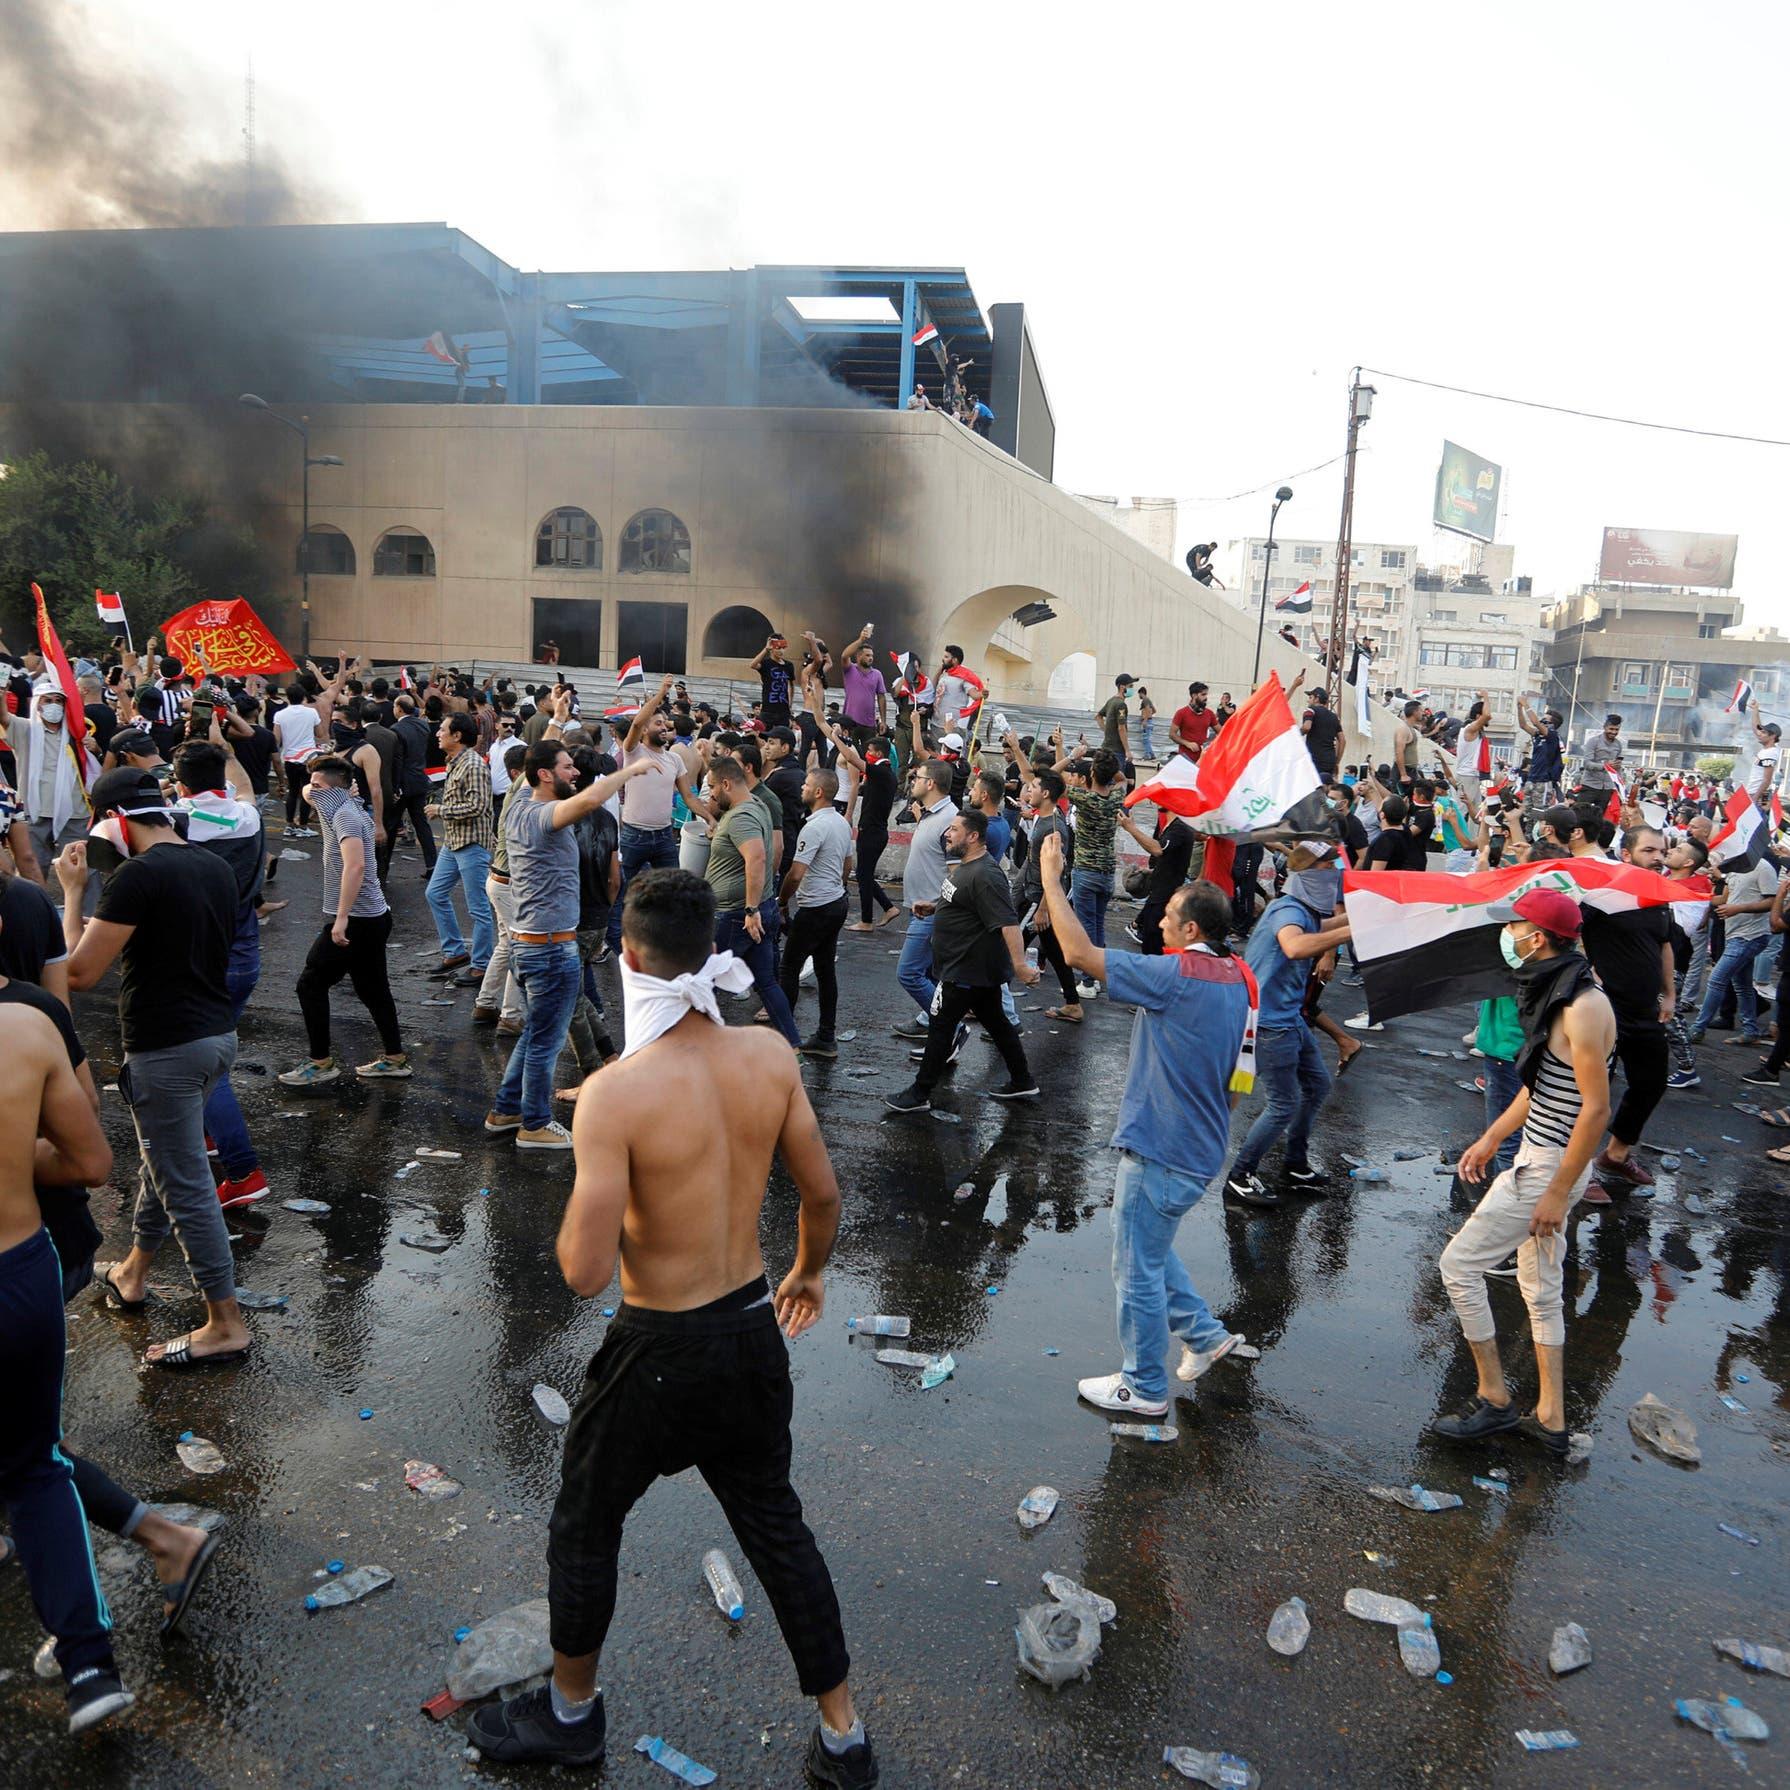 تظاهرات غاضبة في بغداد.. سقوط قتيل و200 جريح